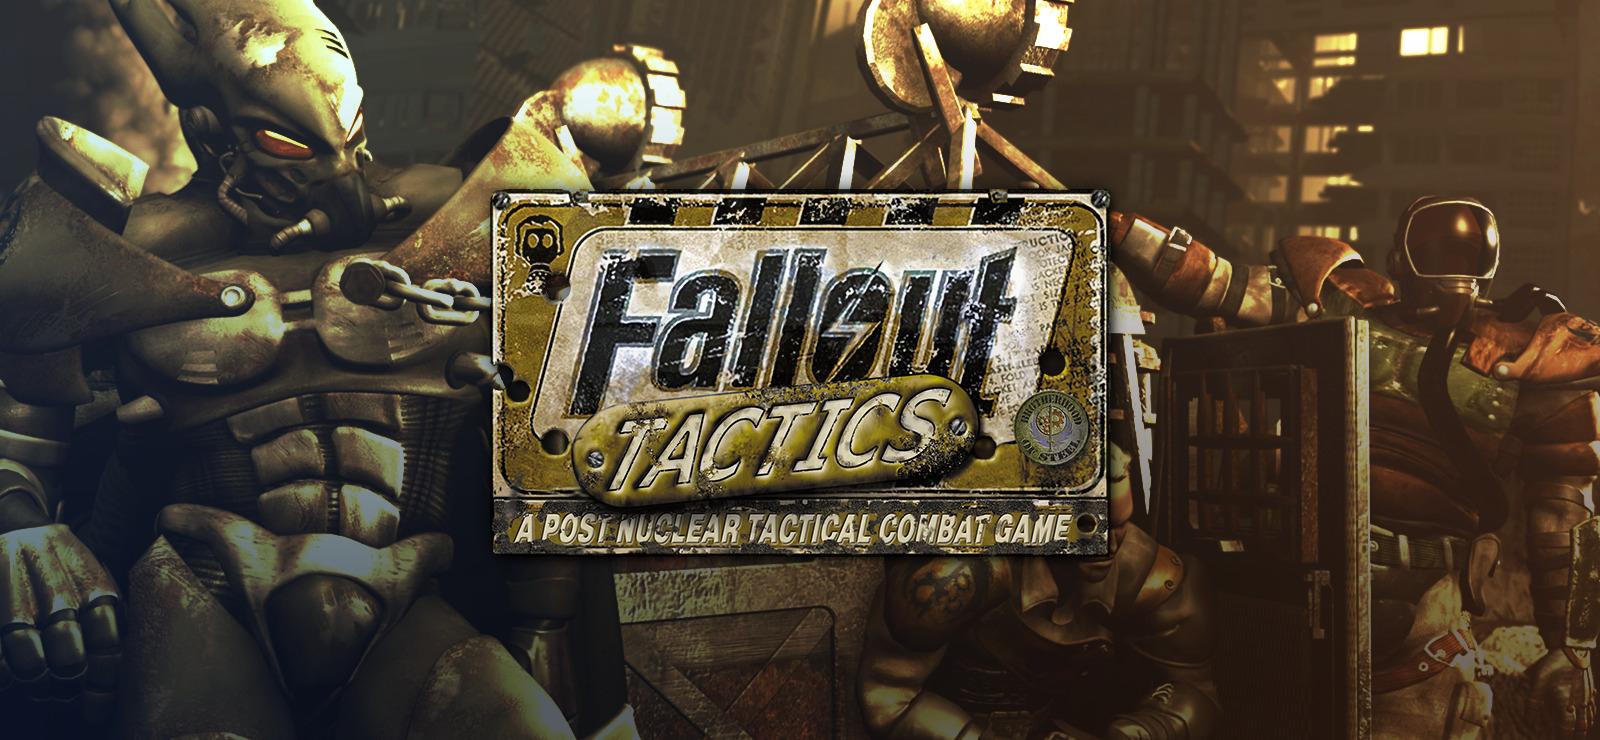 Fallout Tactics sur PC (Dématérialisé sans DRM)